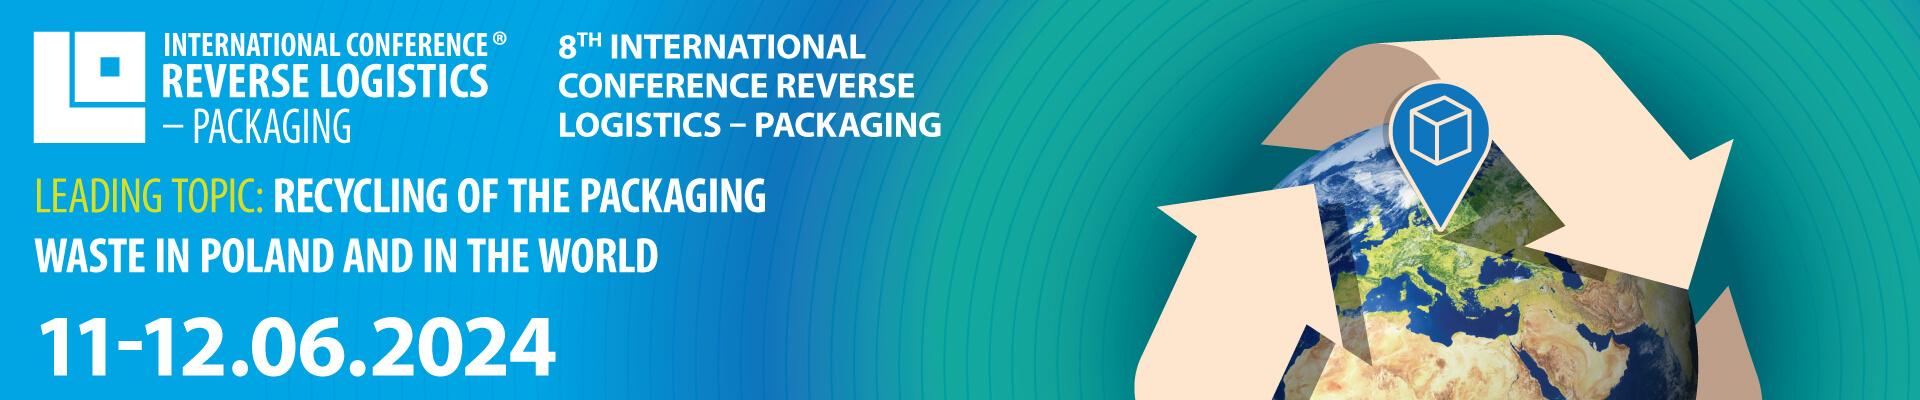 Międzynarodowa Konferencja Logistyka Odzysku - Opakowania 2024 - EN